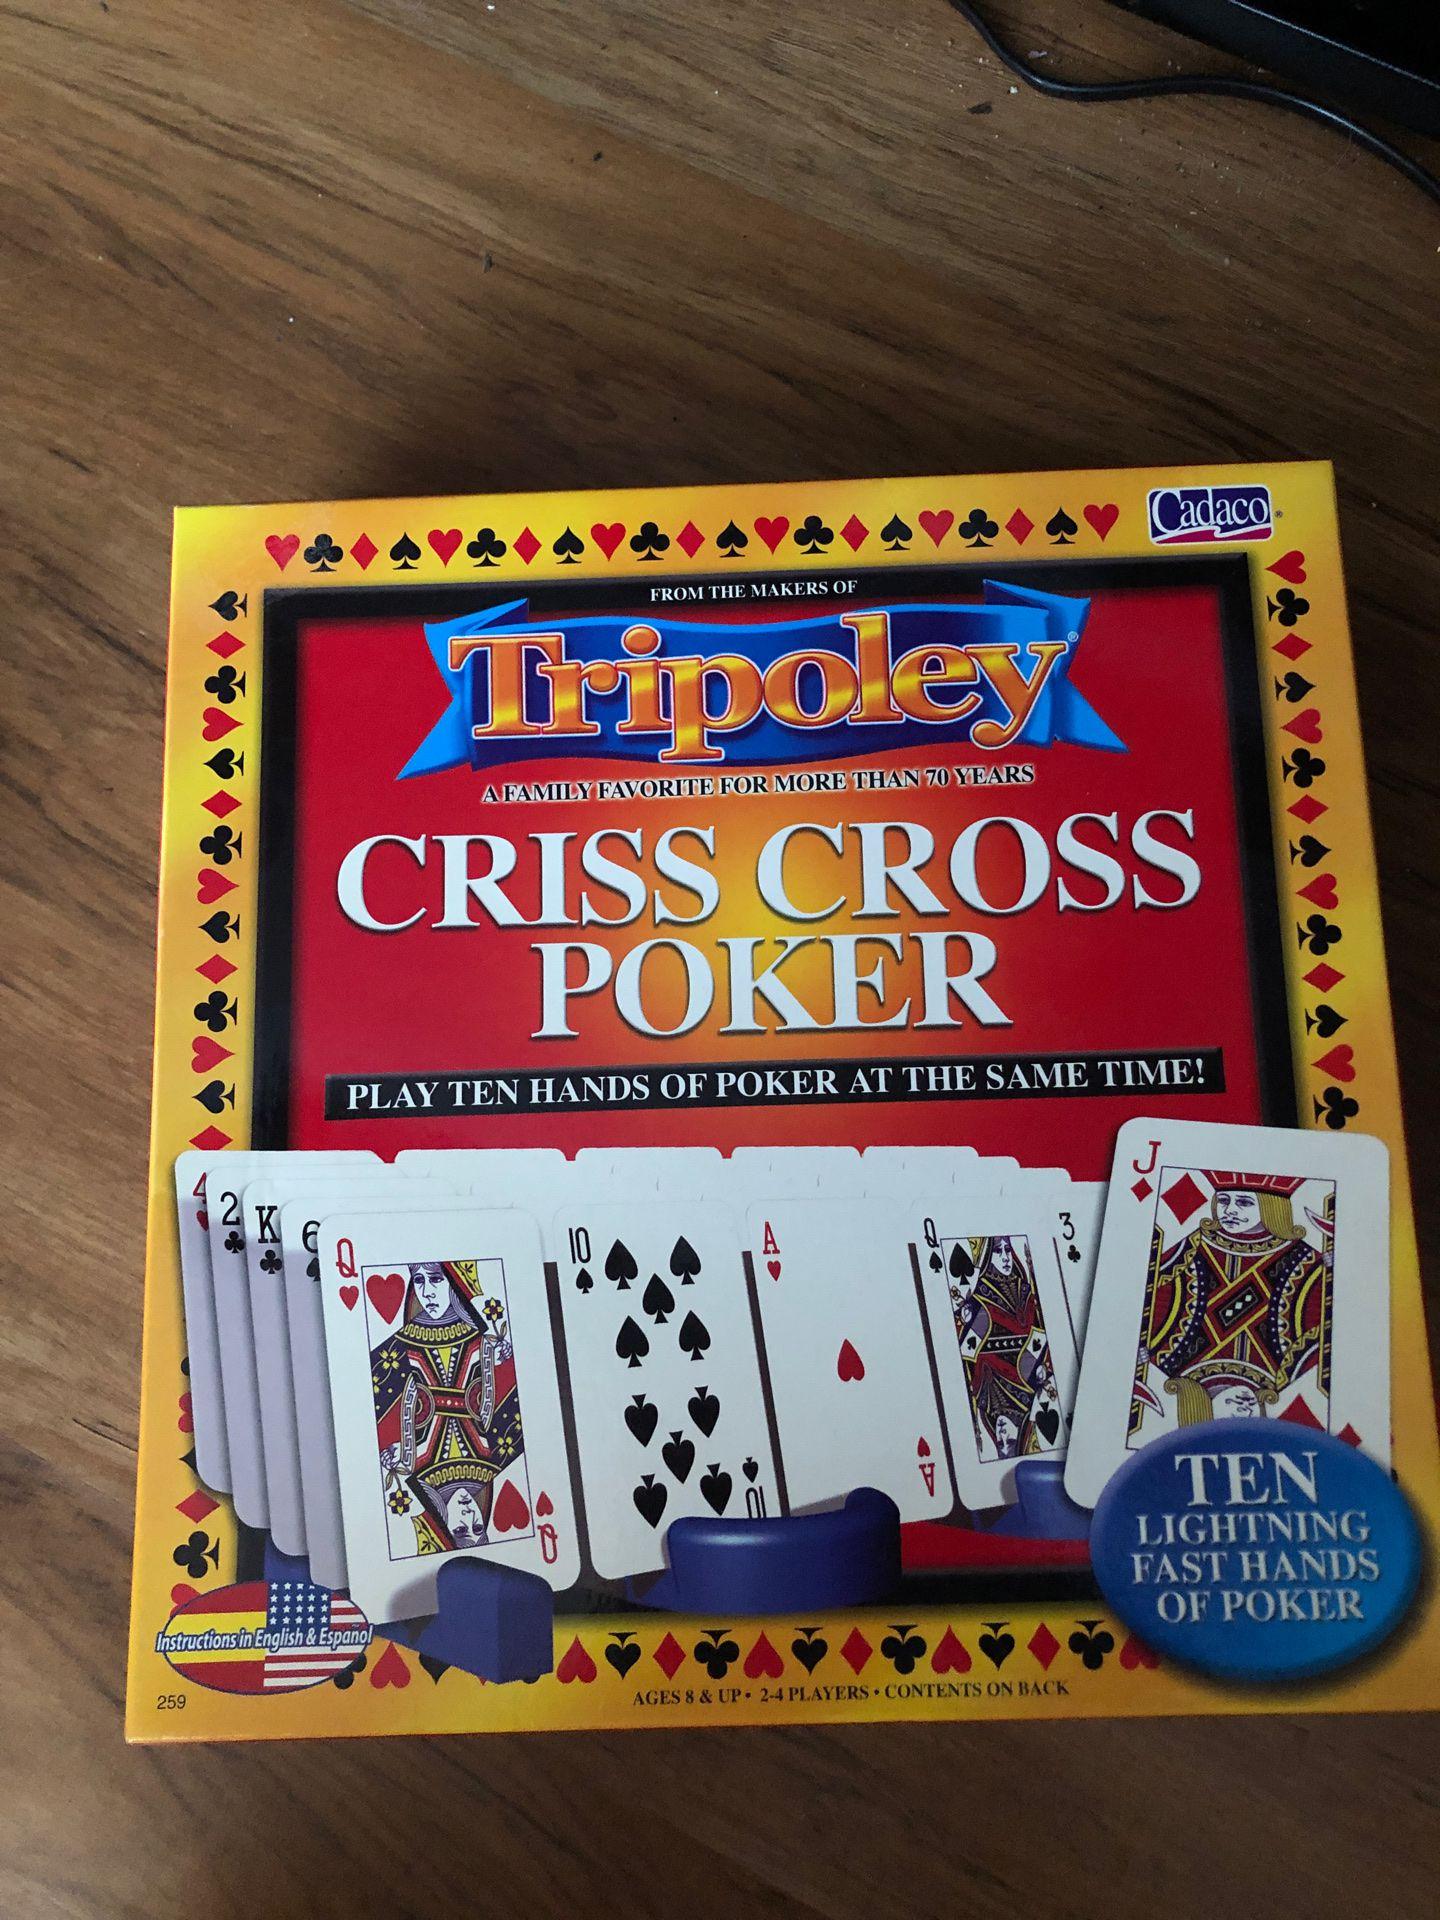 Cross Cross Poker board game